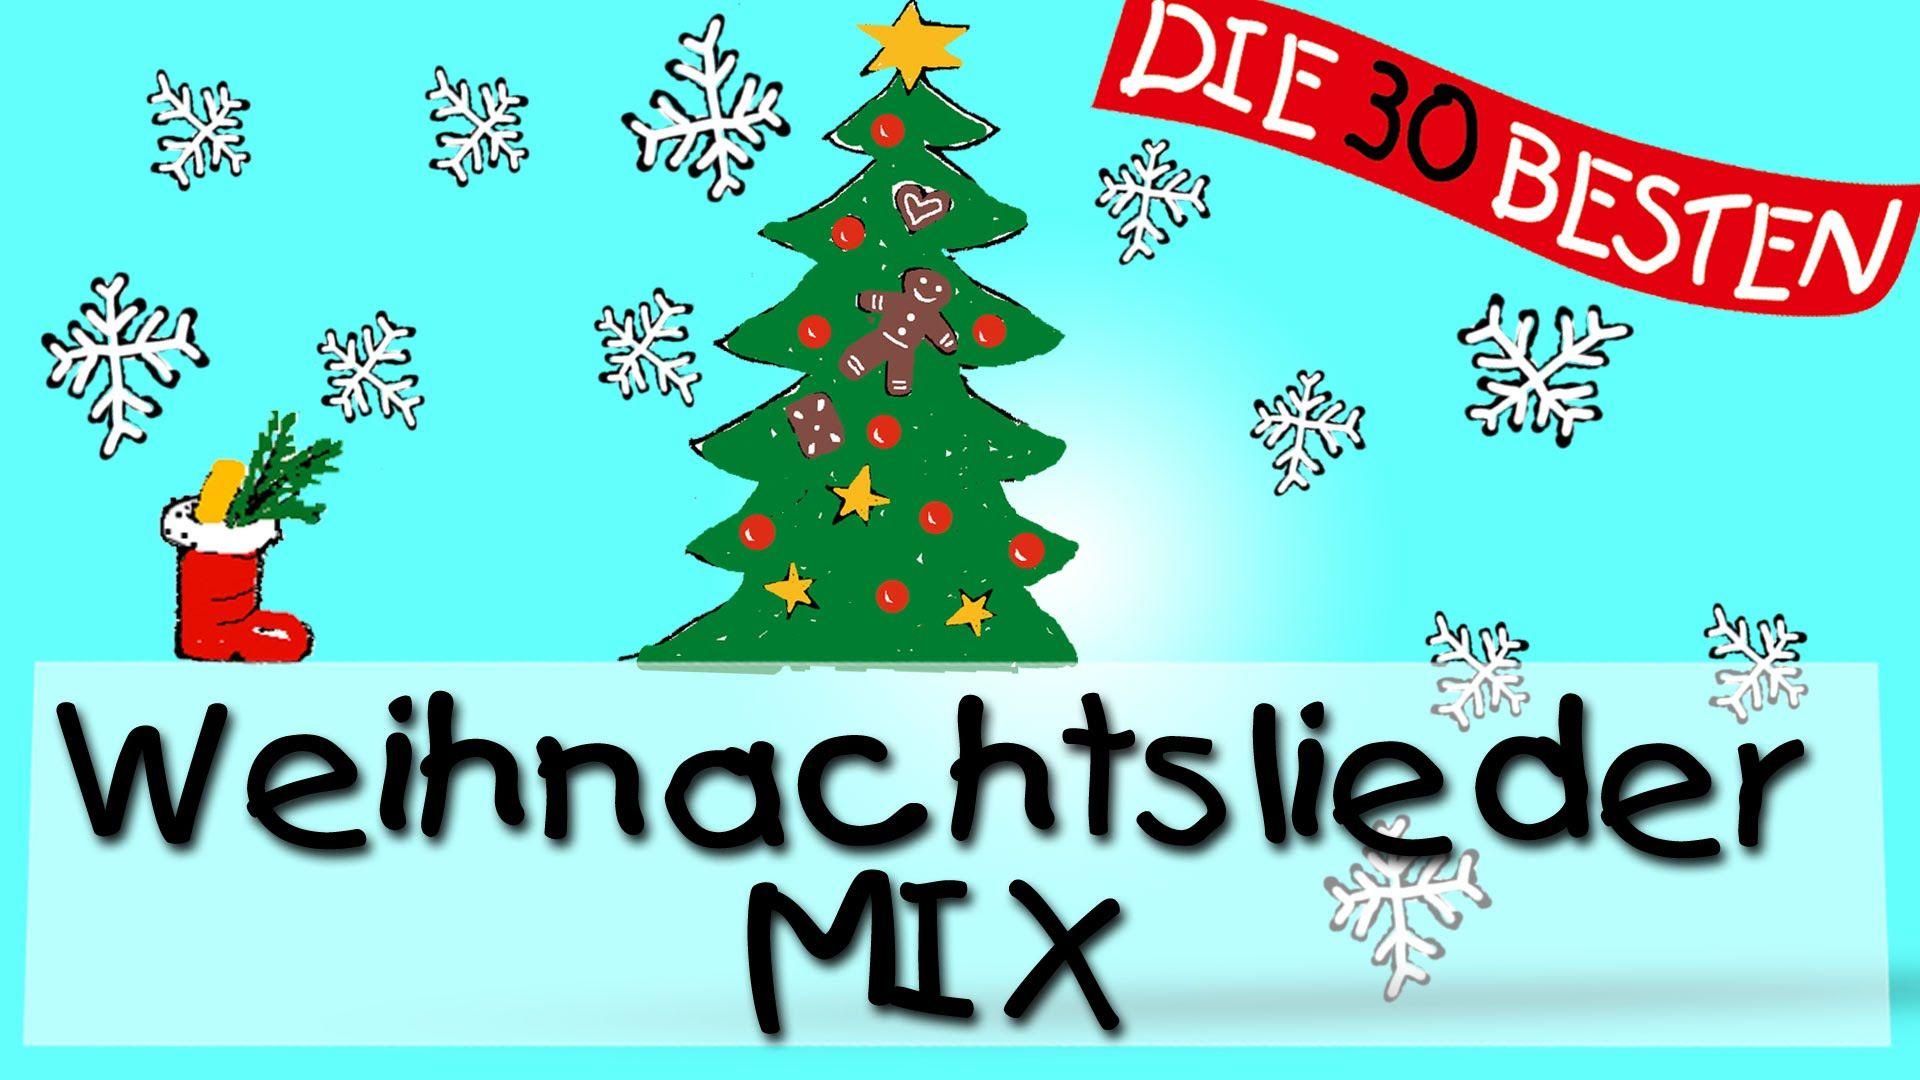 Der schönste Weihnachtslieder Mix || Kinderlieder | Weihnachten ...